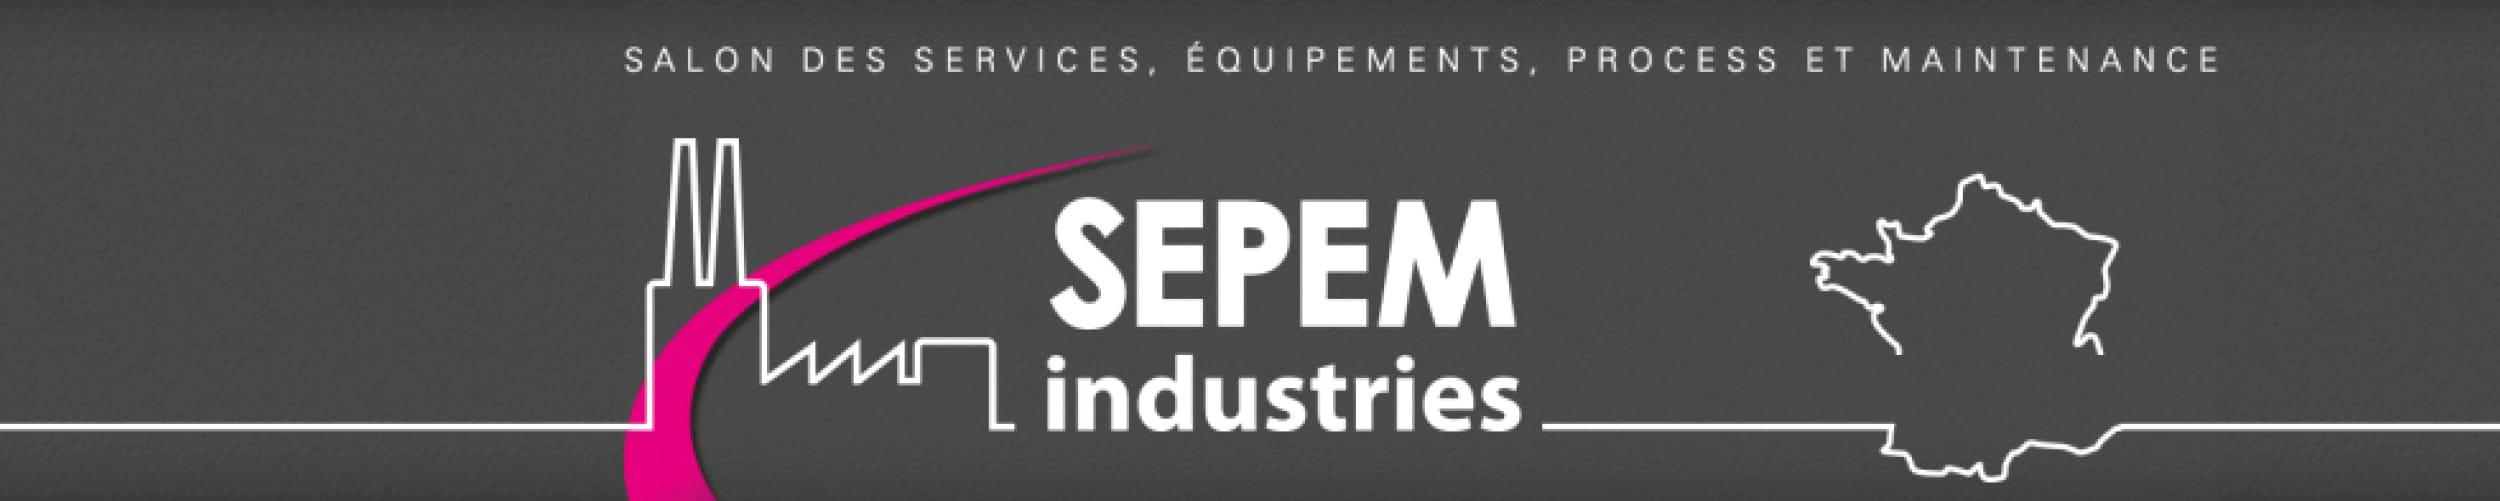 sepem, rouen, synoxis, jsp, industrie